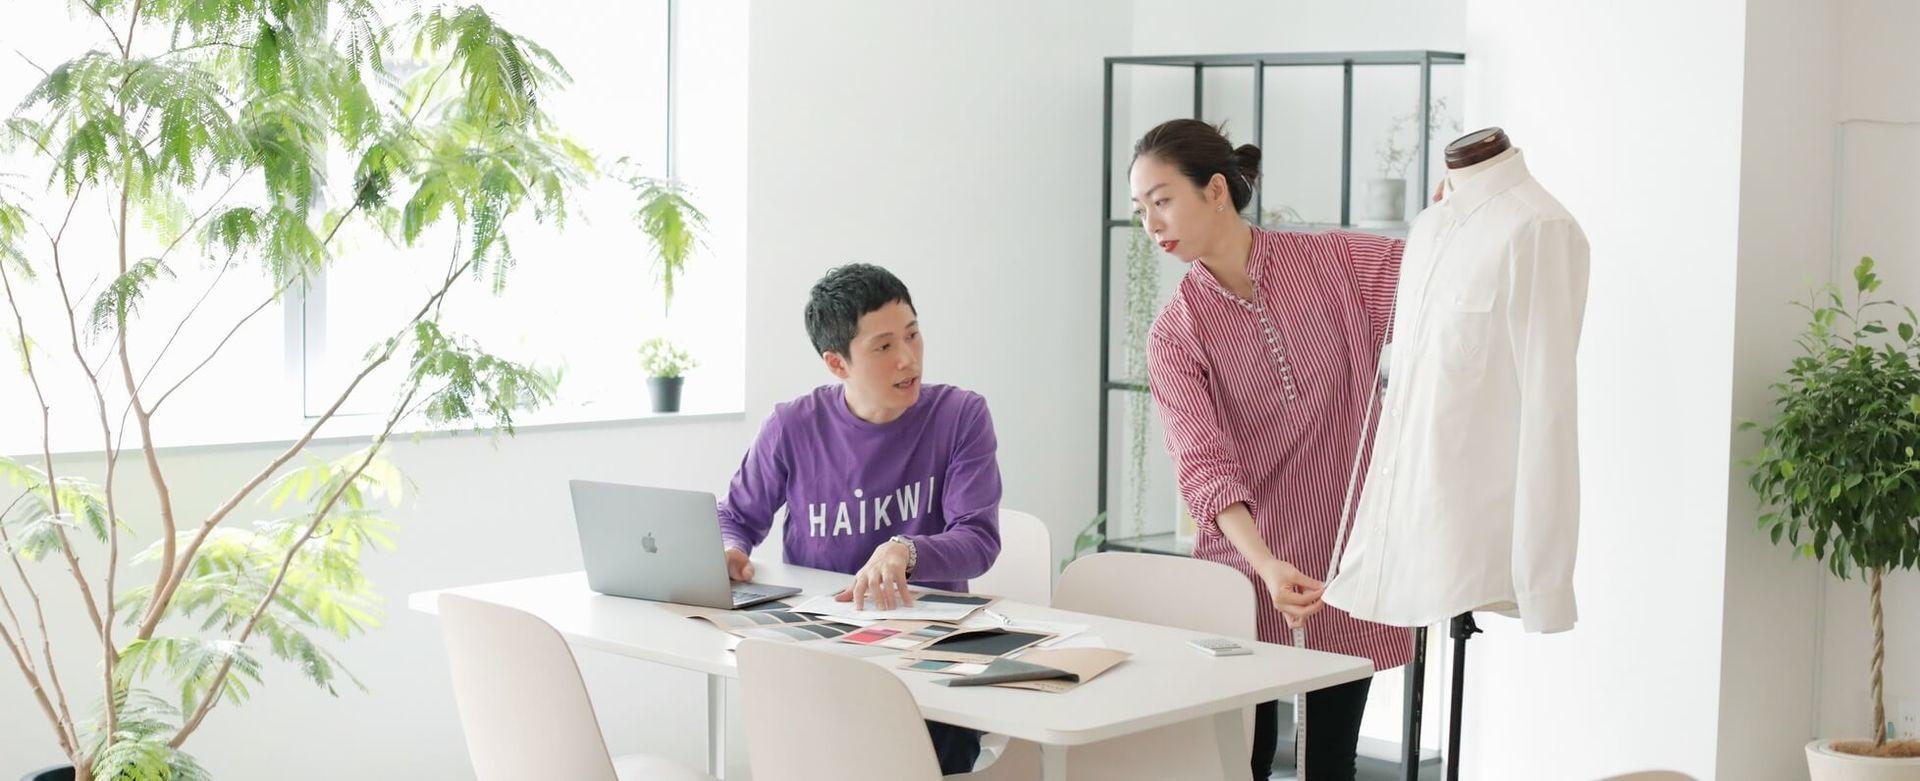 海外生産、ユニフォーム生産の経験者を募集しています!|生産管理のカバー写真